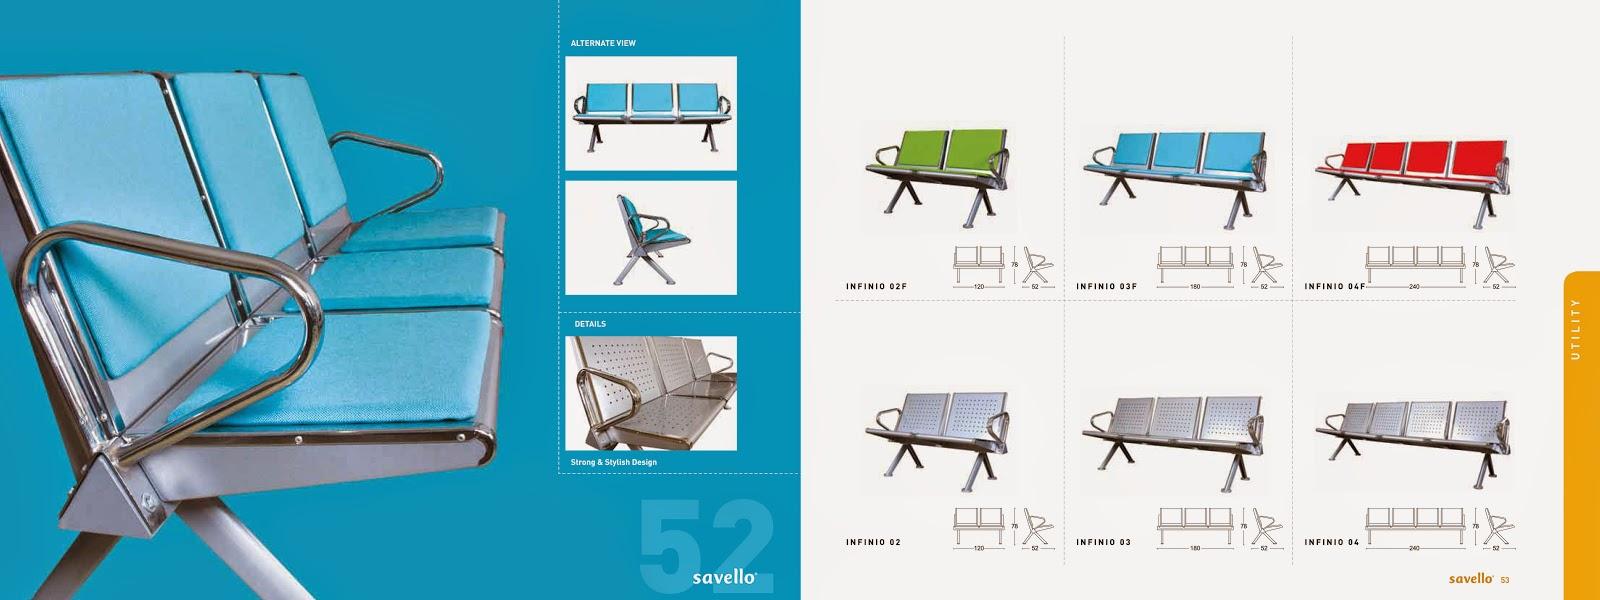 Kursi Kantor Savello Rumah Alat Modern Design Semoga Melalui Situs Ini Kami Dapat Mempermudah Anda Untuk Memperoleh Informasi Mengenai Office Equipment Furniture Indonesia Di Manapun Berada Dan